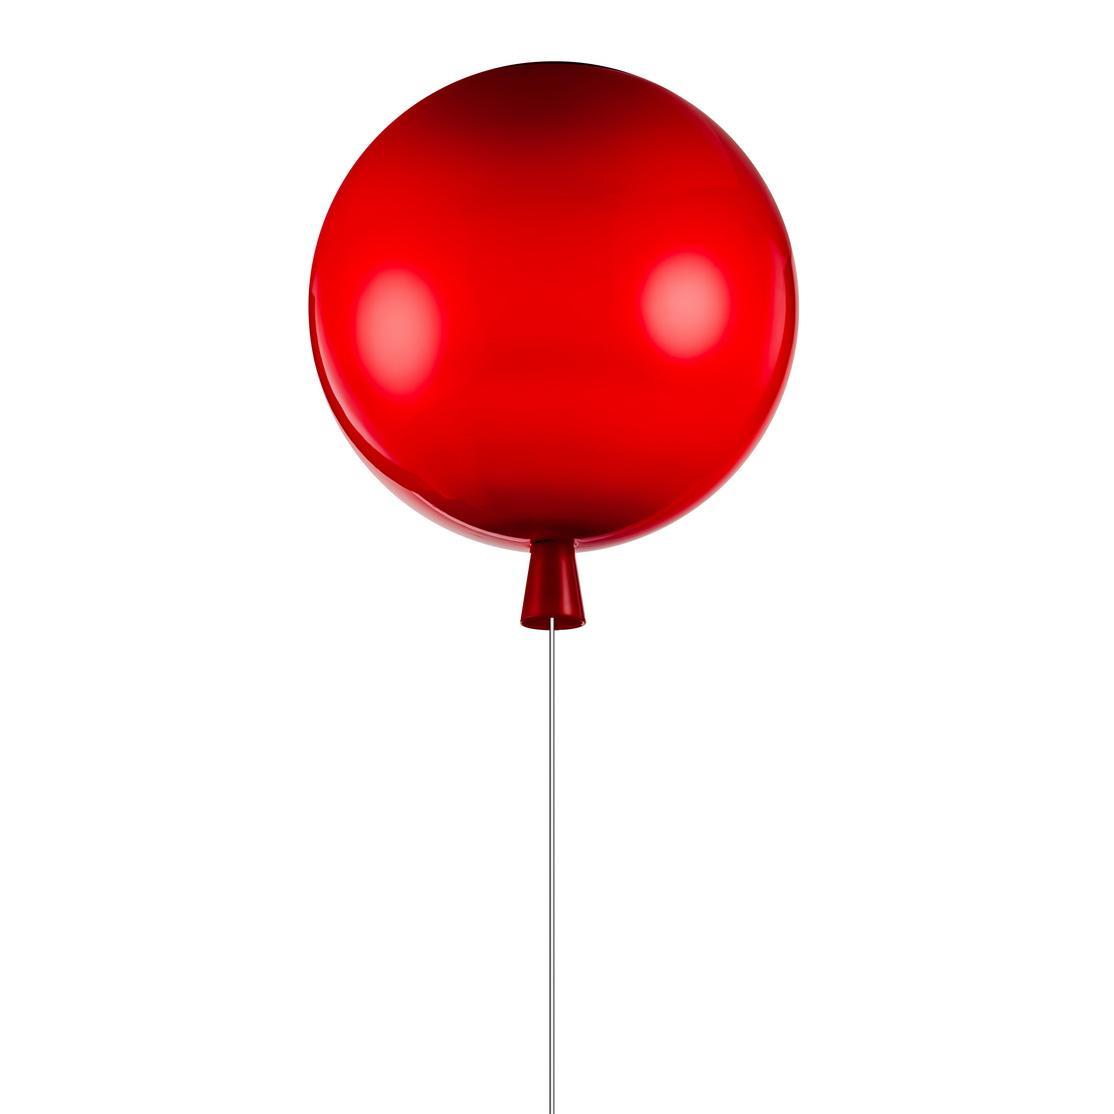 Потолочный светильник Loft IT 5055C/M red потолочный светильник sland энергия red